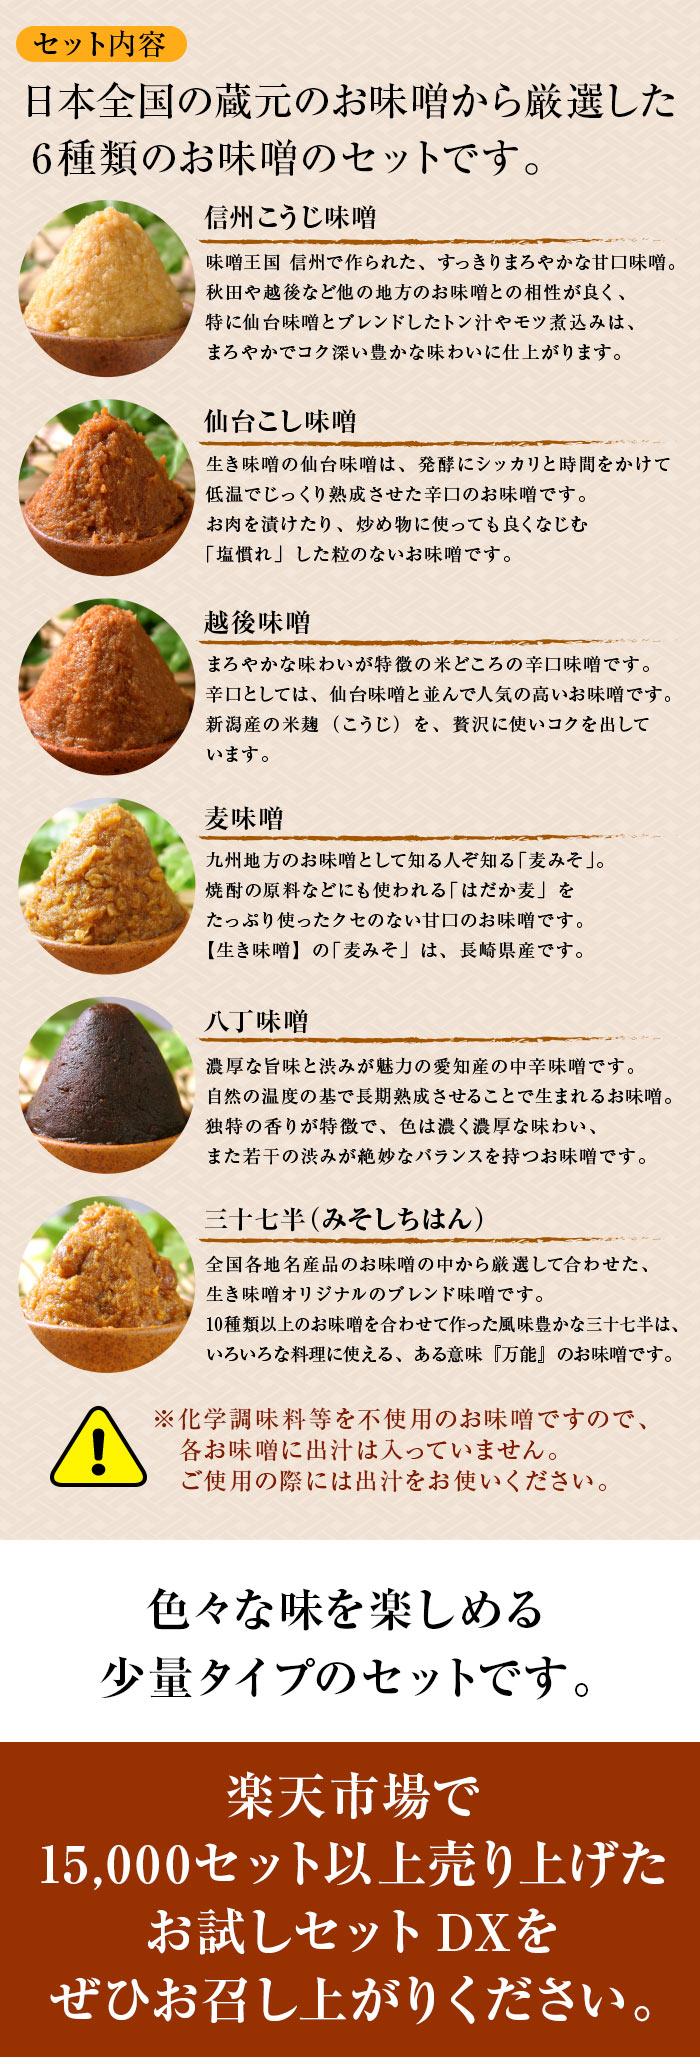 米みそ、豆みそなど6種類